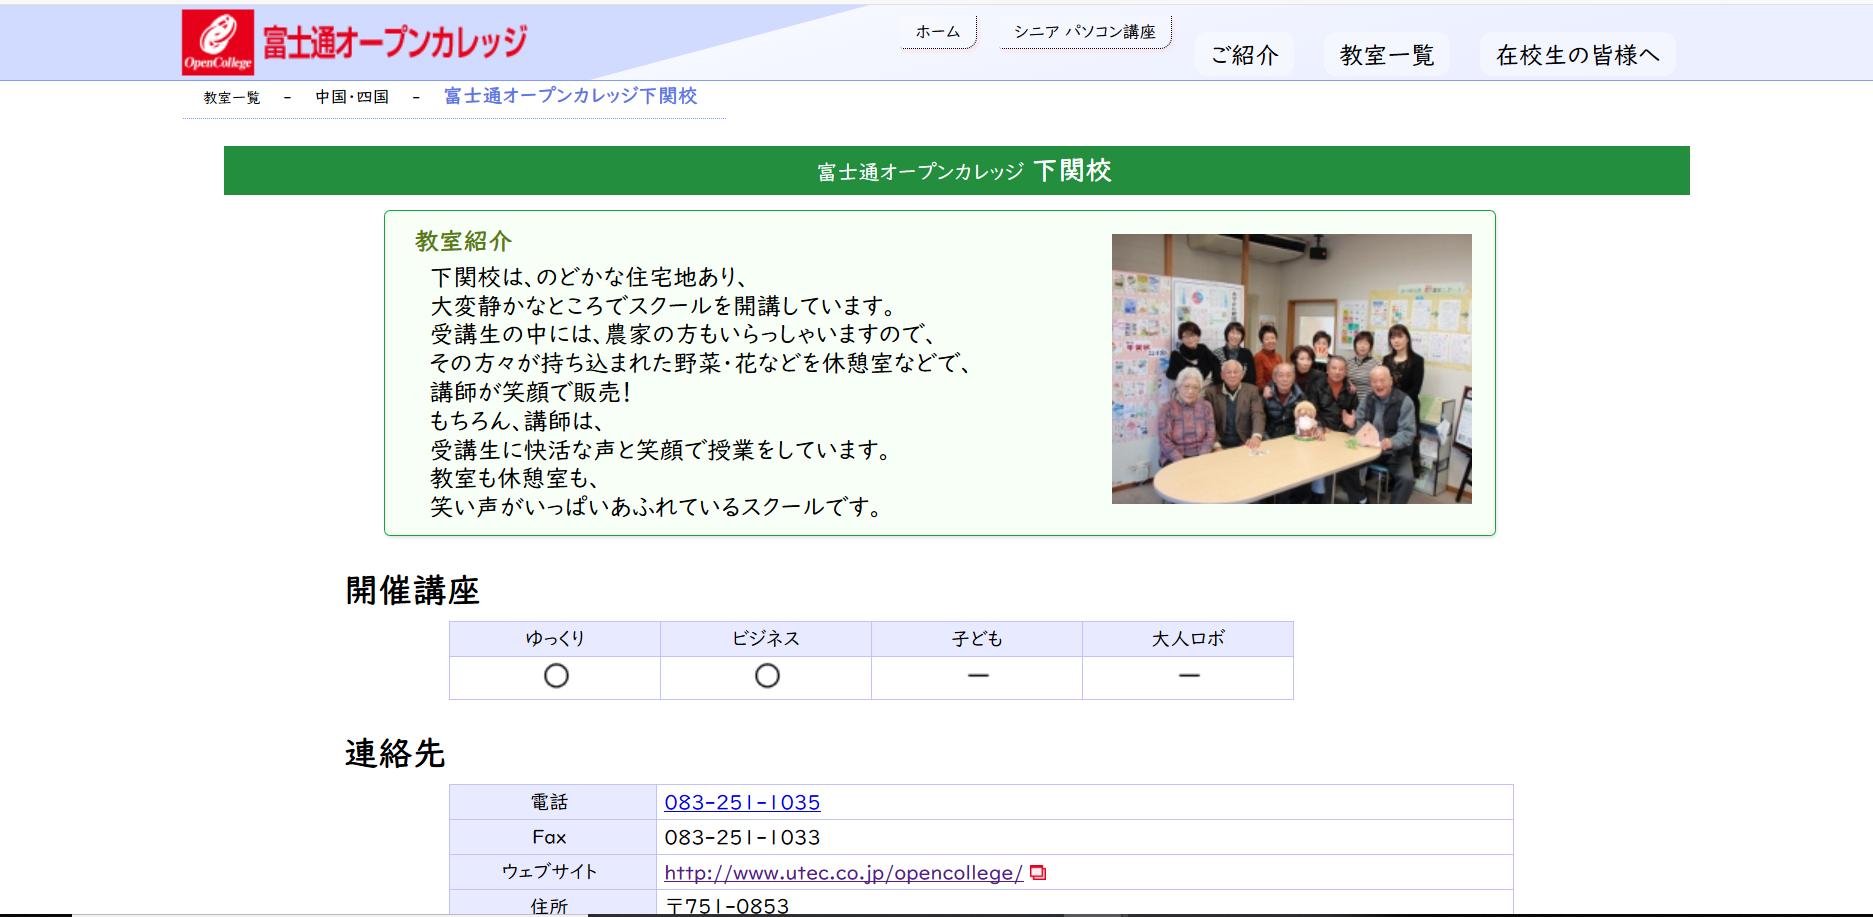 富士通オープンカレッジ 下関校の評判・口コミ